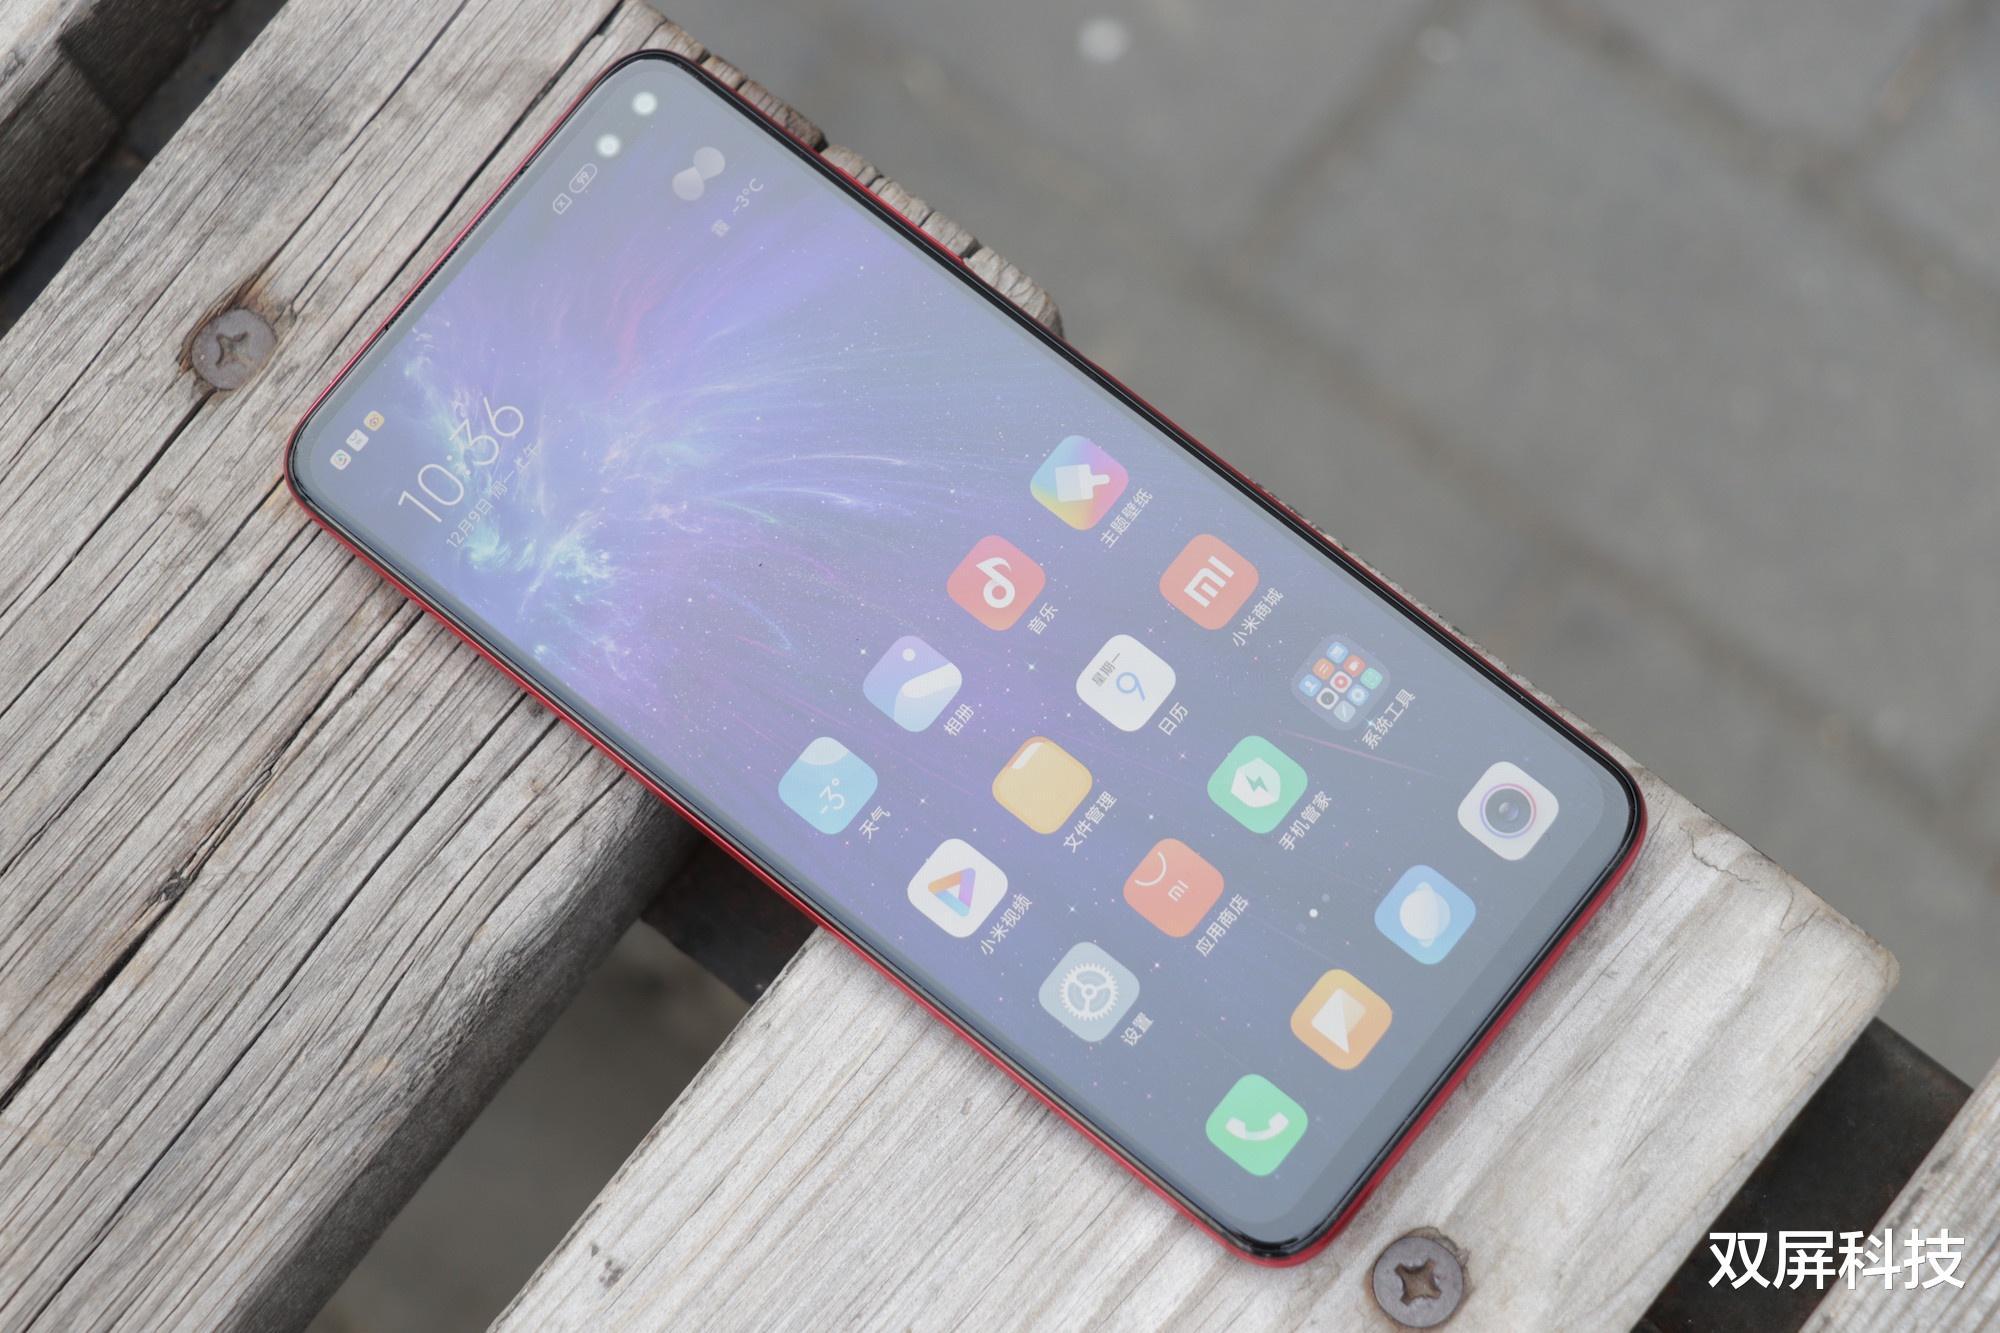 1499元双模5G手机,128GB存储+120Hz屏,雷军:你们还不买吗?